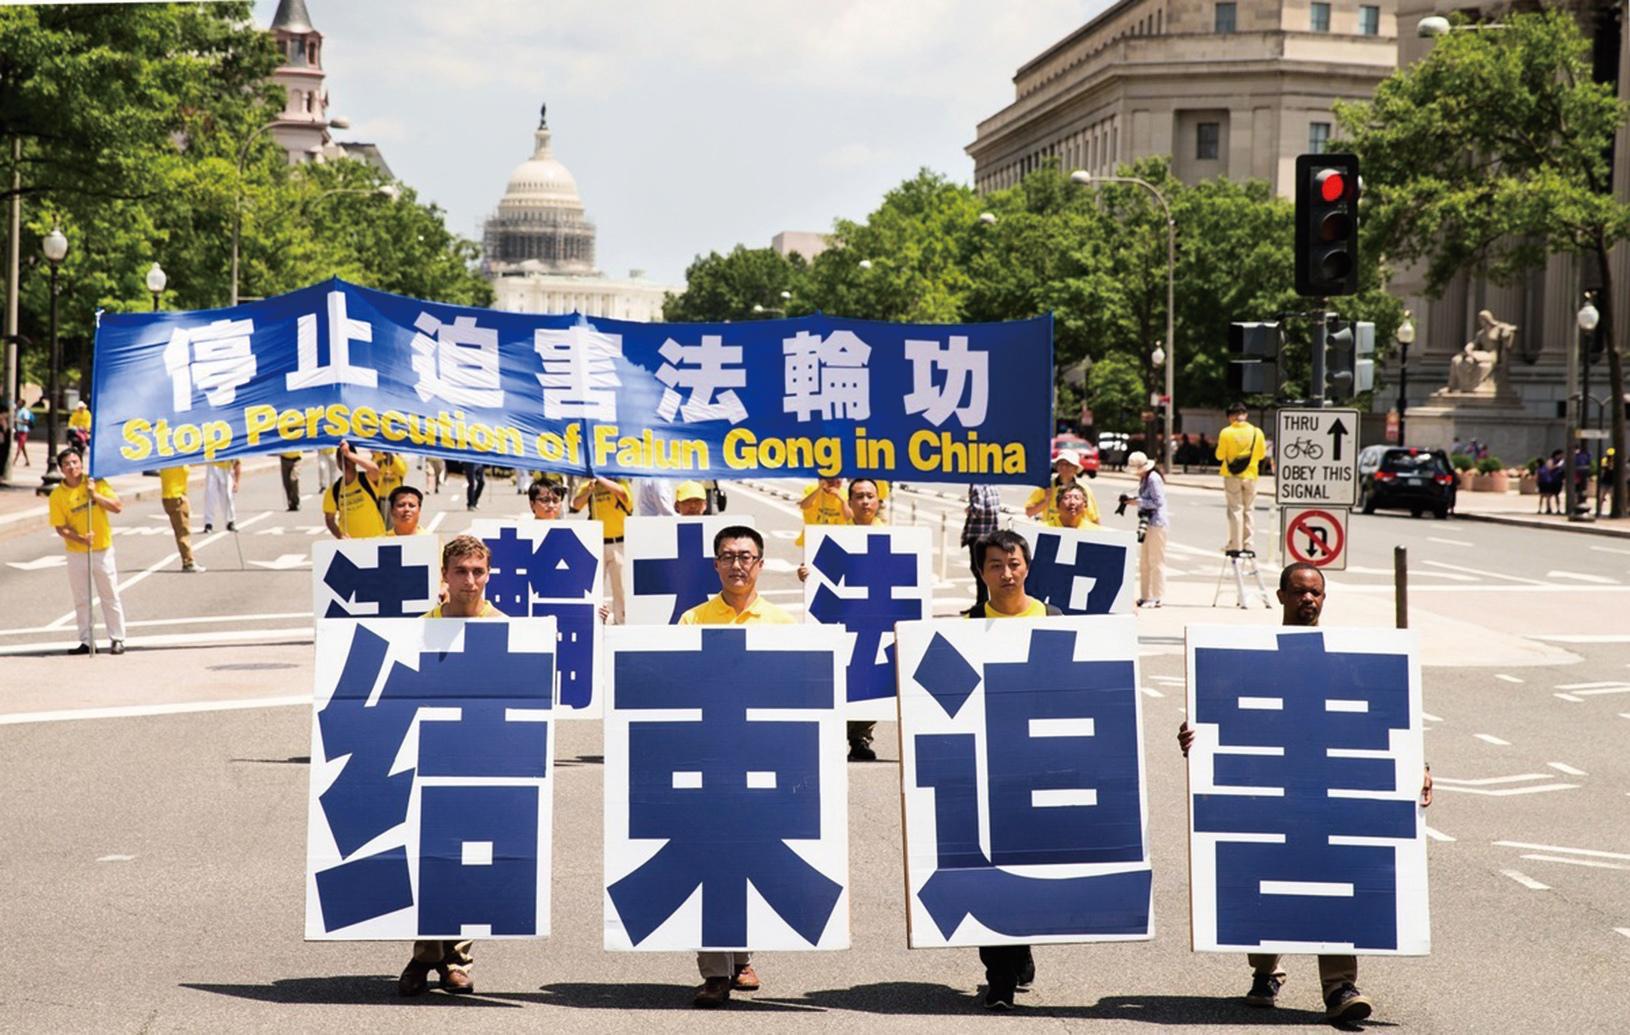 2016年7月16日,法輪功學員在美國首都華盛頓特區舉行反迫害大遊行。(大紀元)